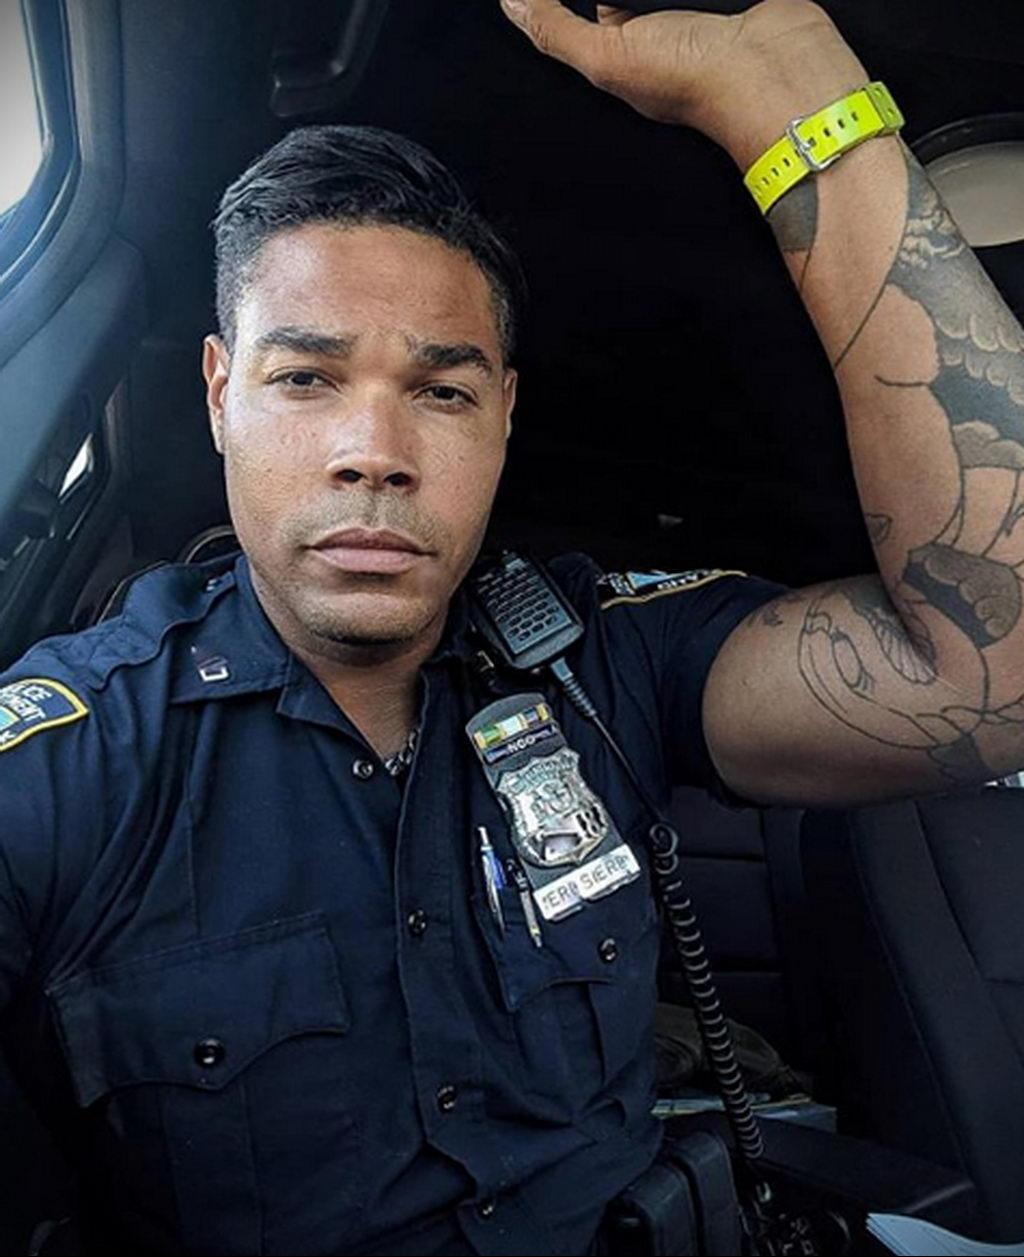 Фото действующего сотрудника полиции в форме с татуировками на теле для tatufoto.com 58